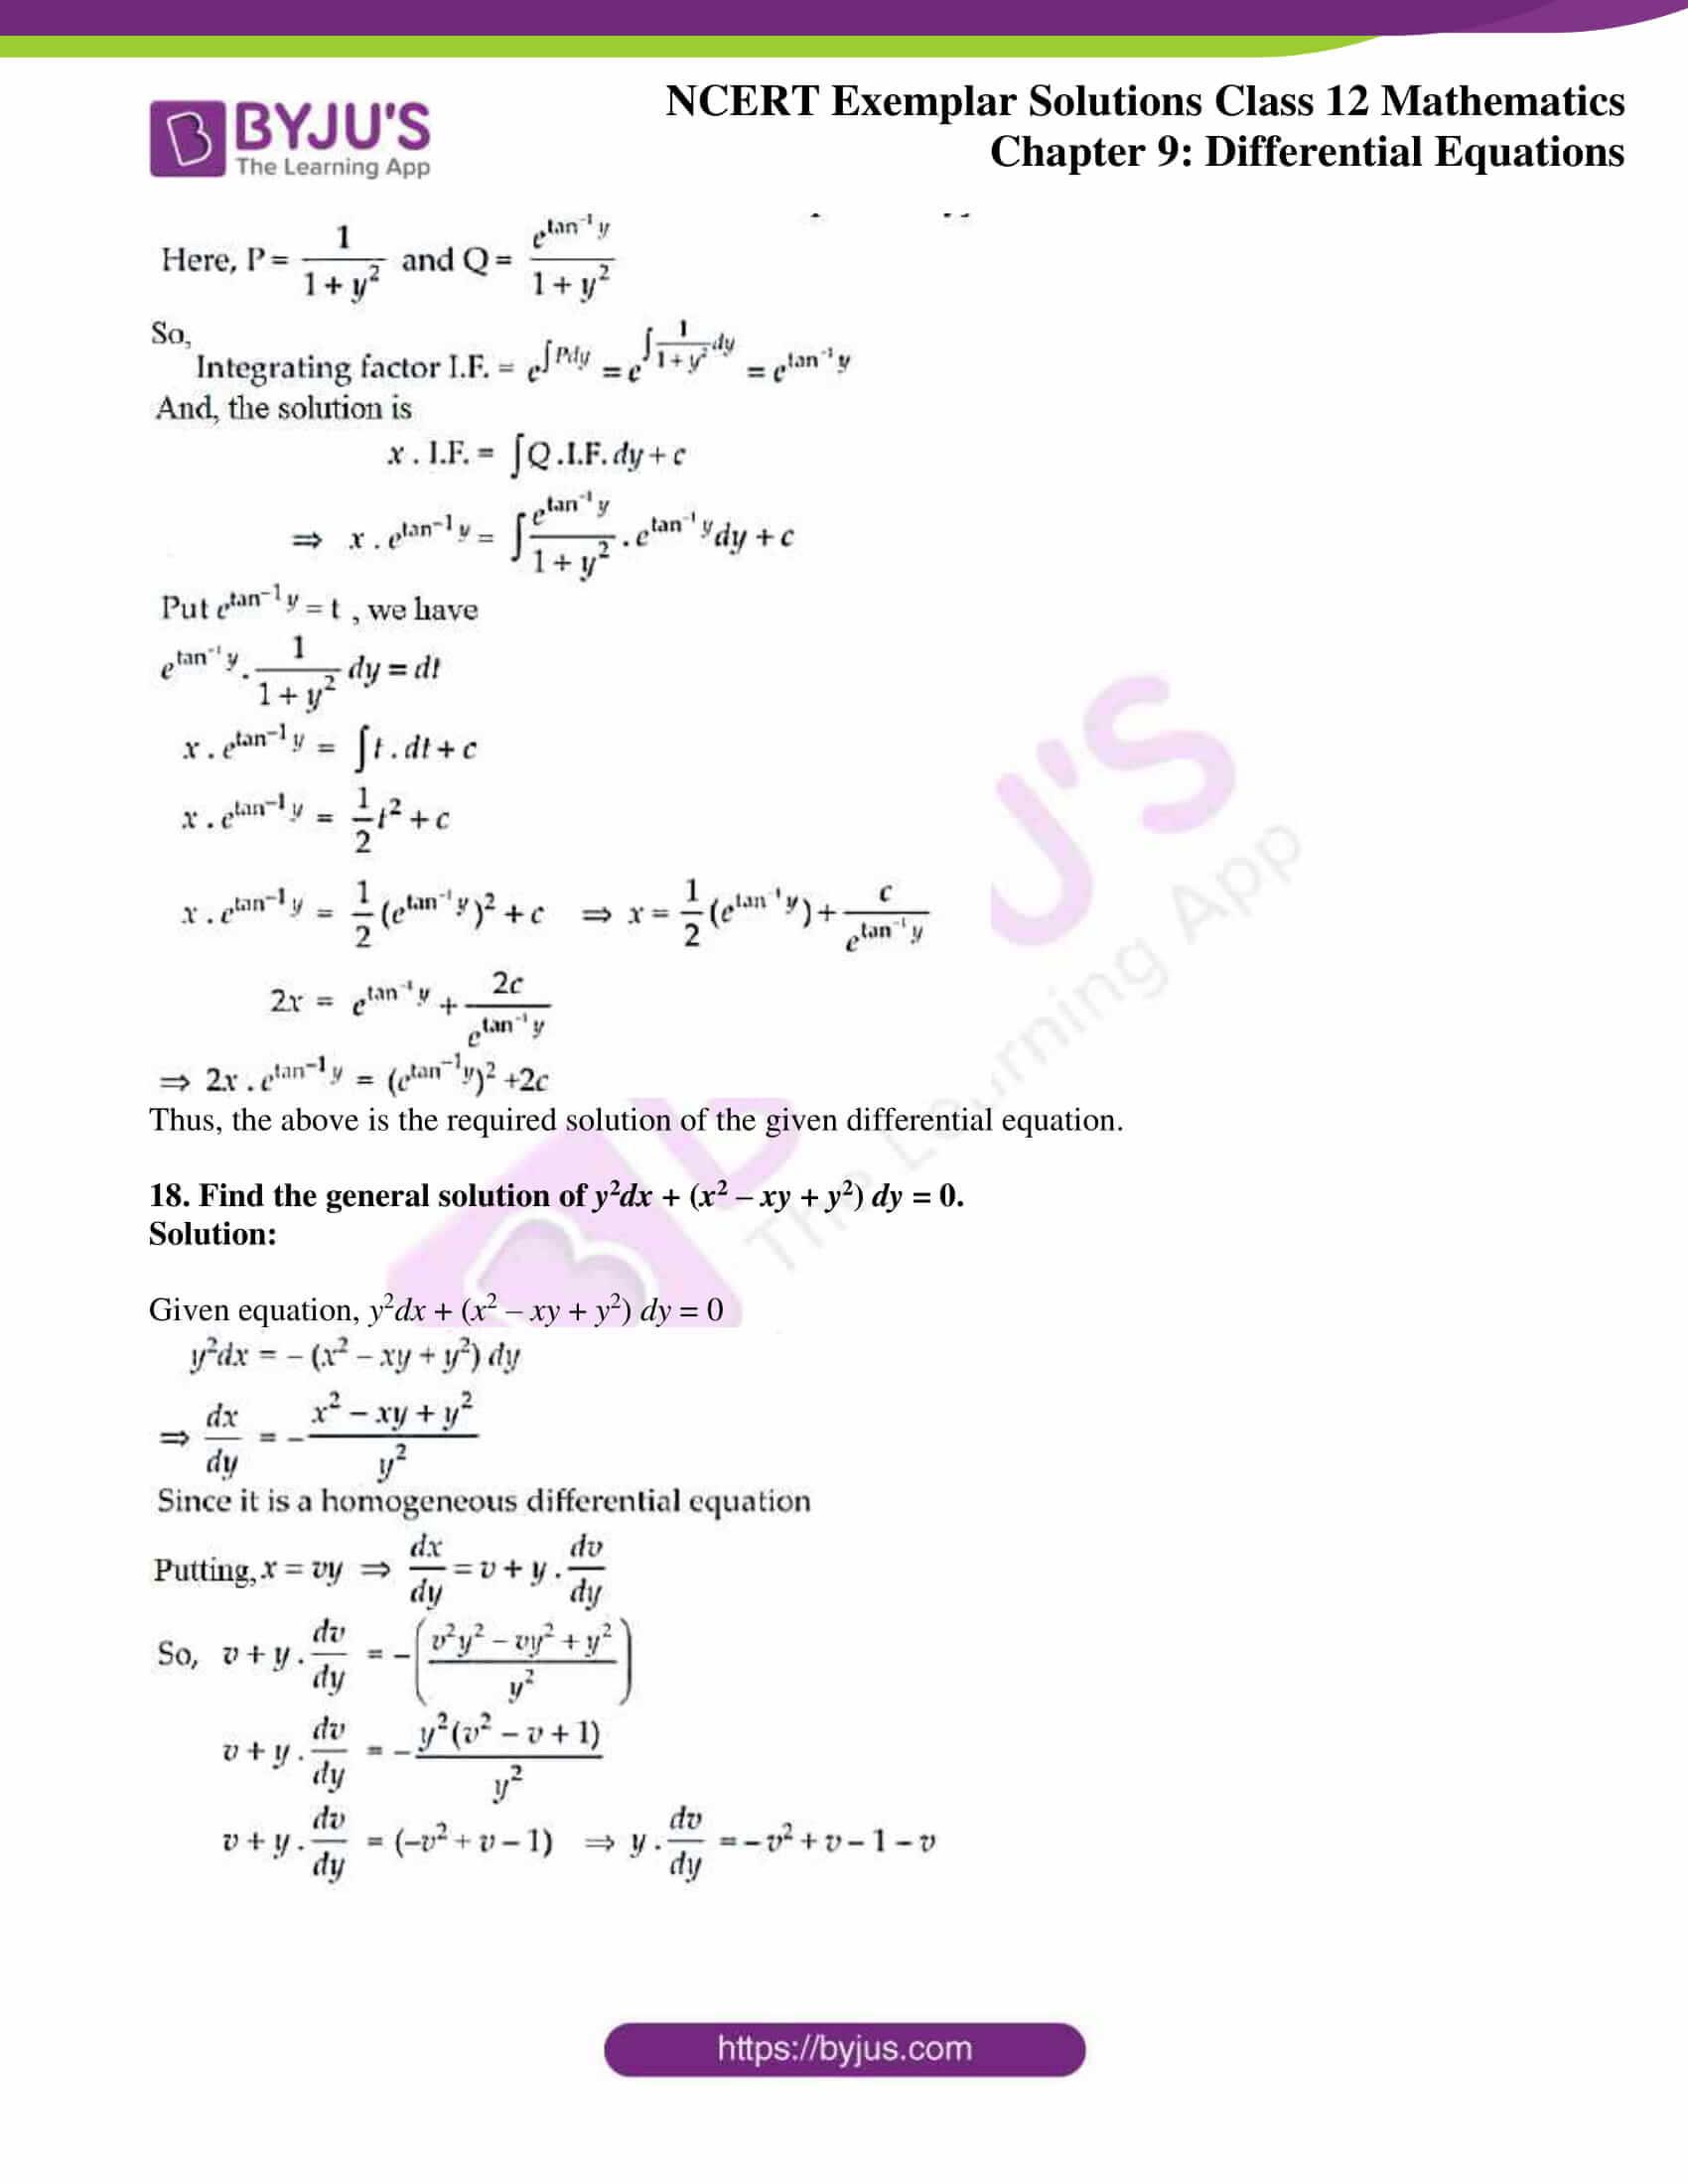 ncert exemplar sol class 12 mathematics ch 9 10